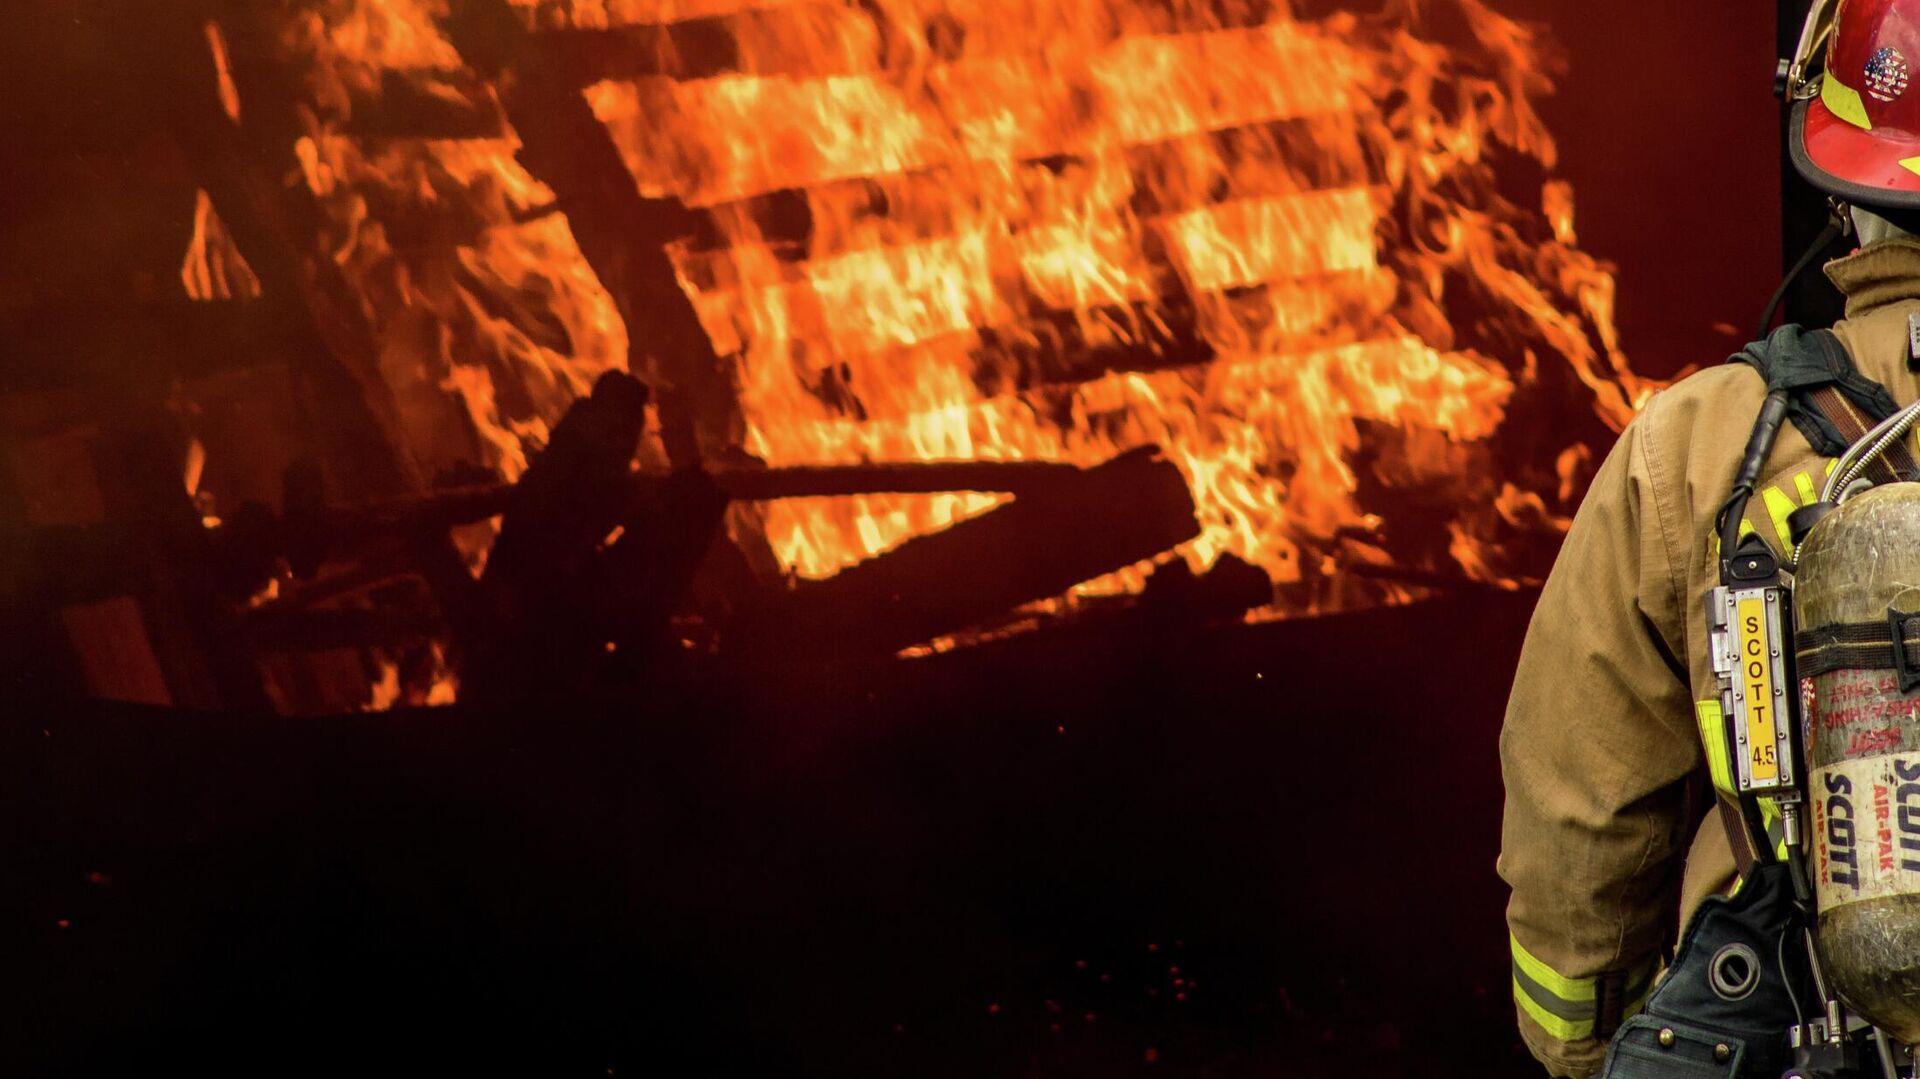 Пожар.Иллюстративное фото - Sputnik Ўзбекистон, 1920, 21.09.2021